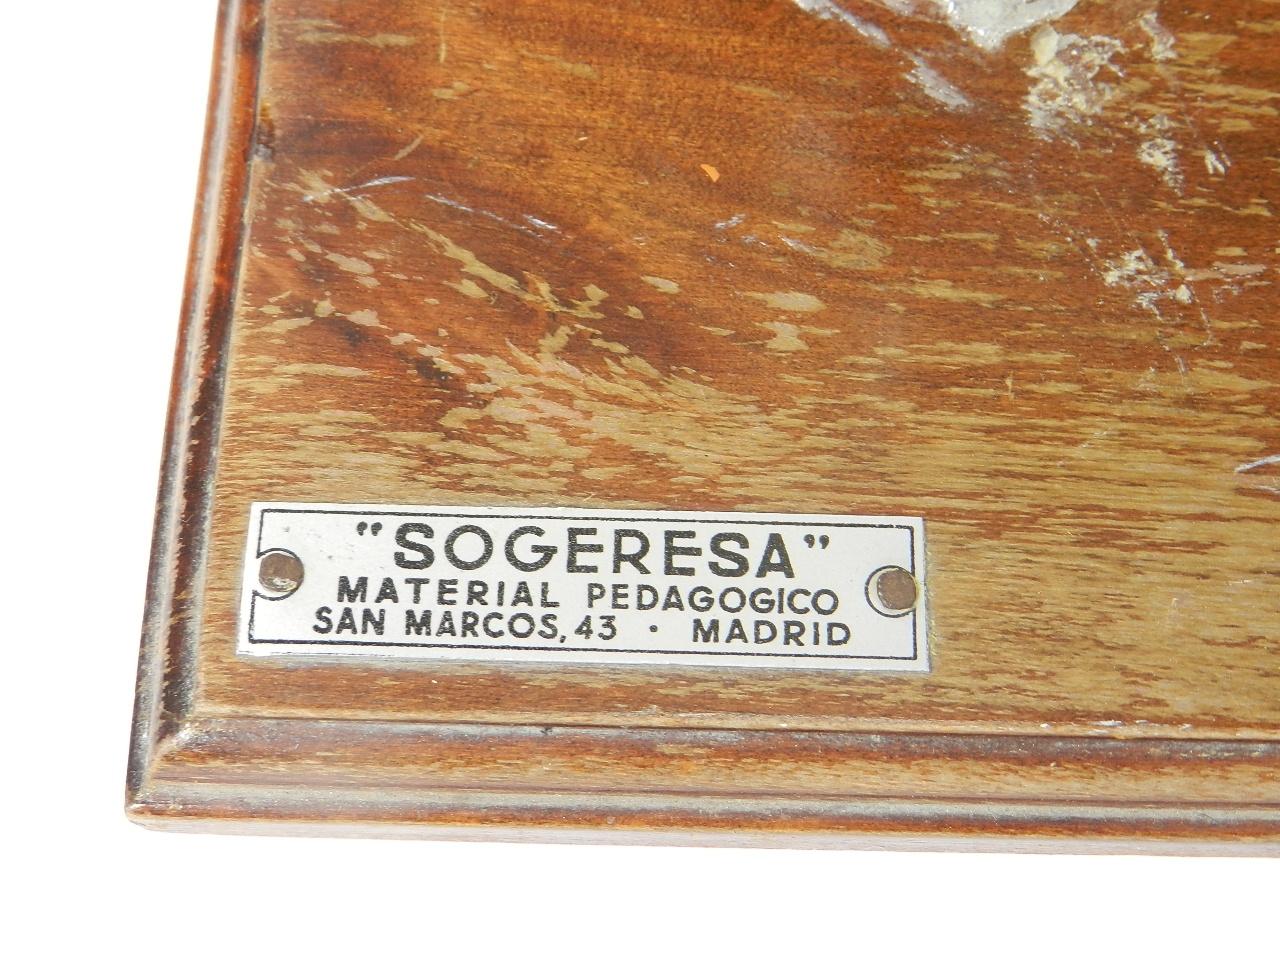 Imagen MAQUETA PEDAGÓGICA DEL OÍDO 39025